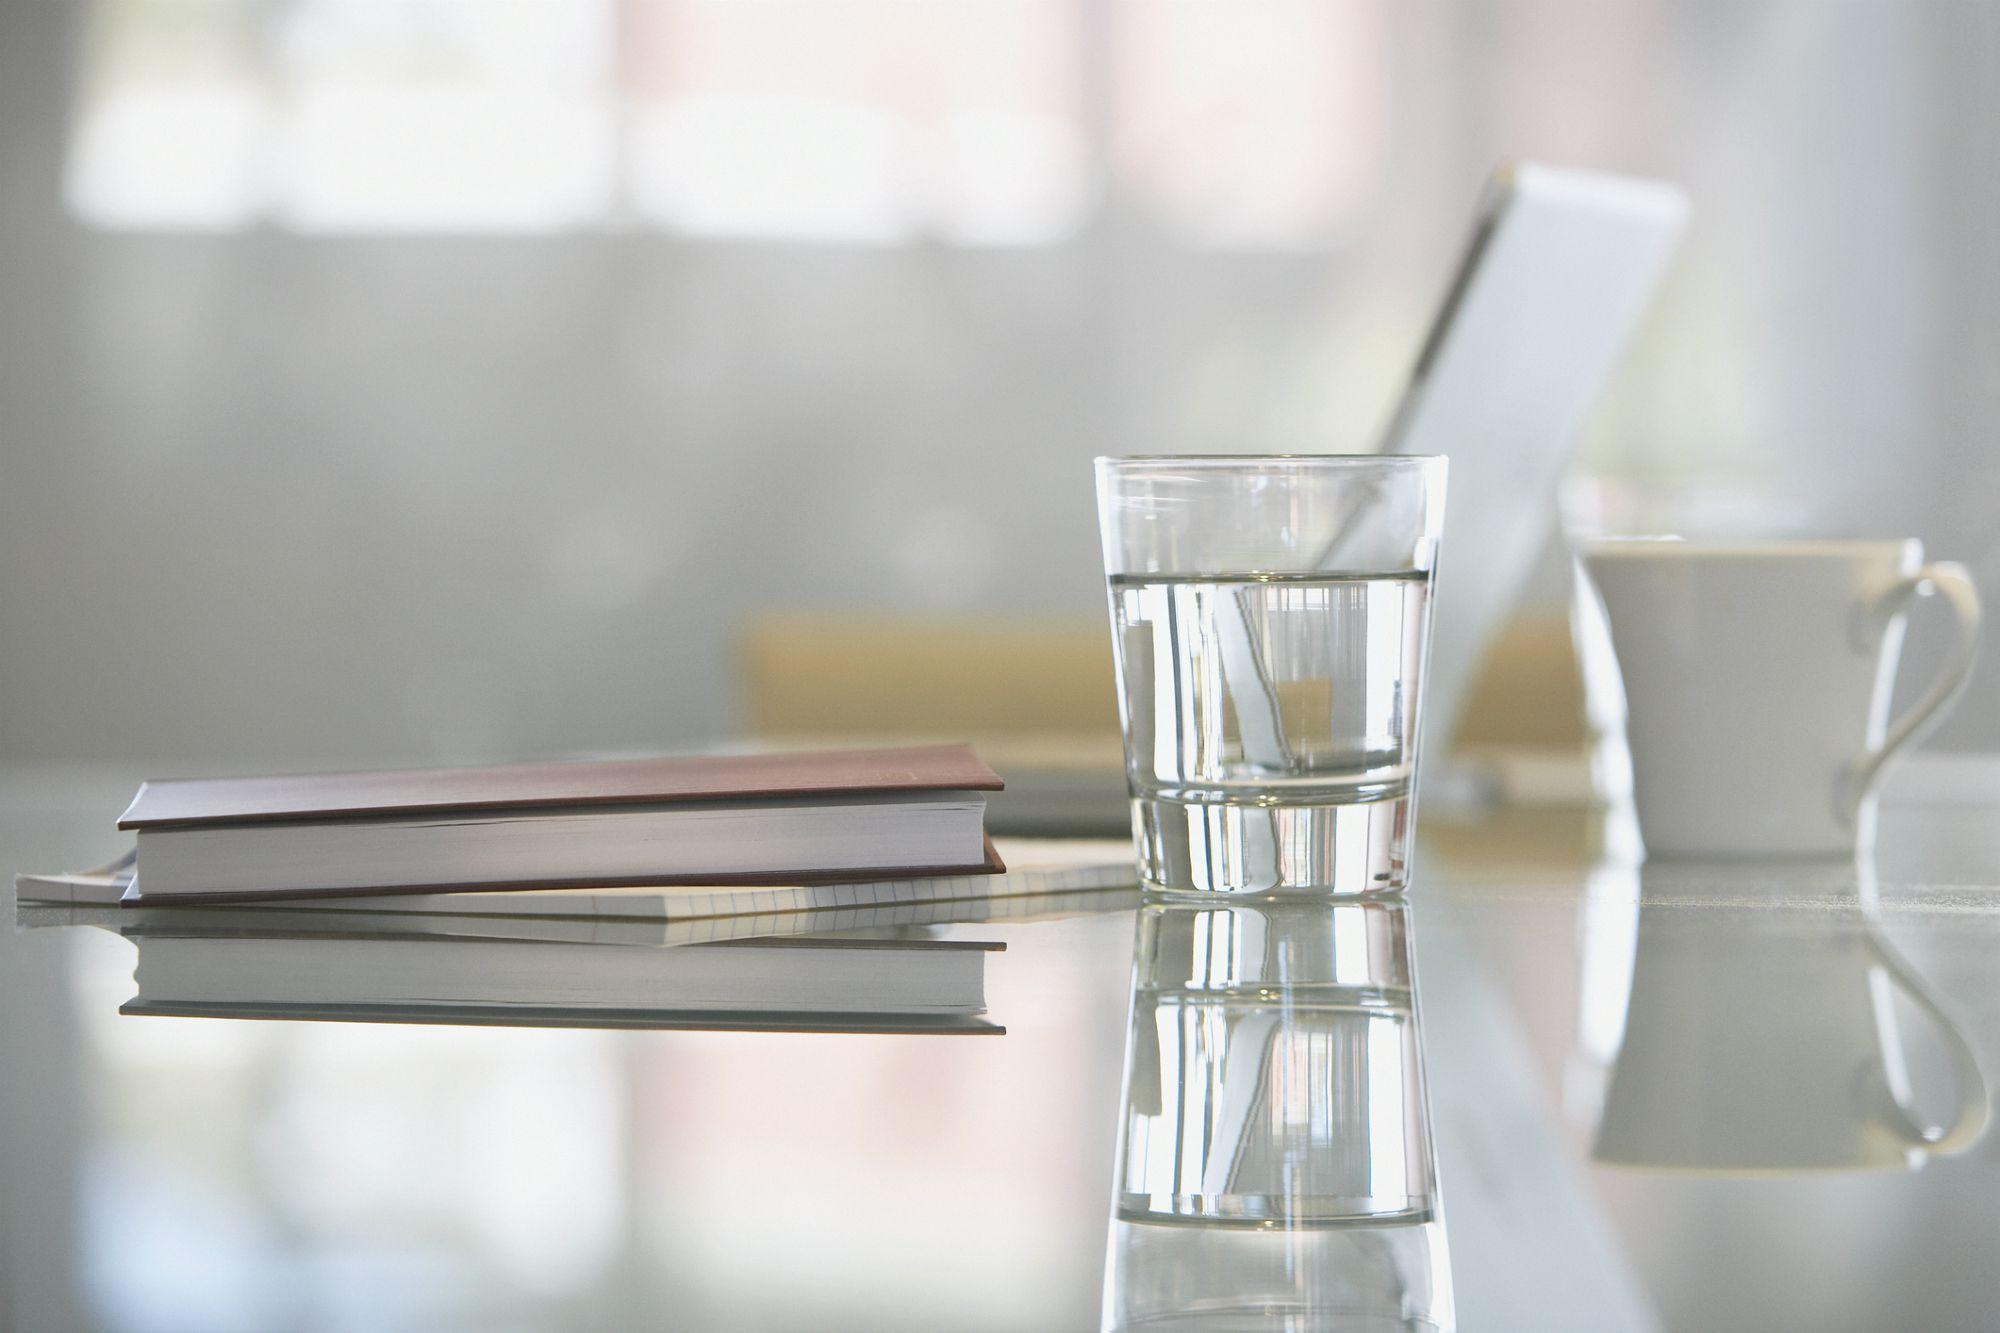 Water on desk